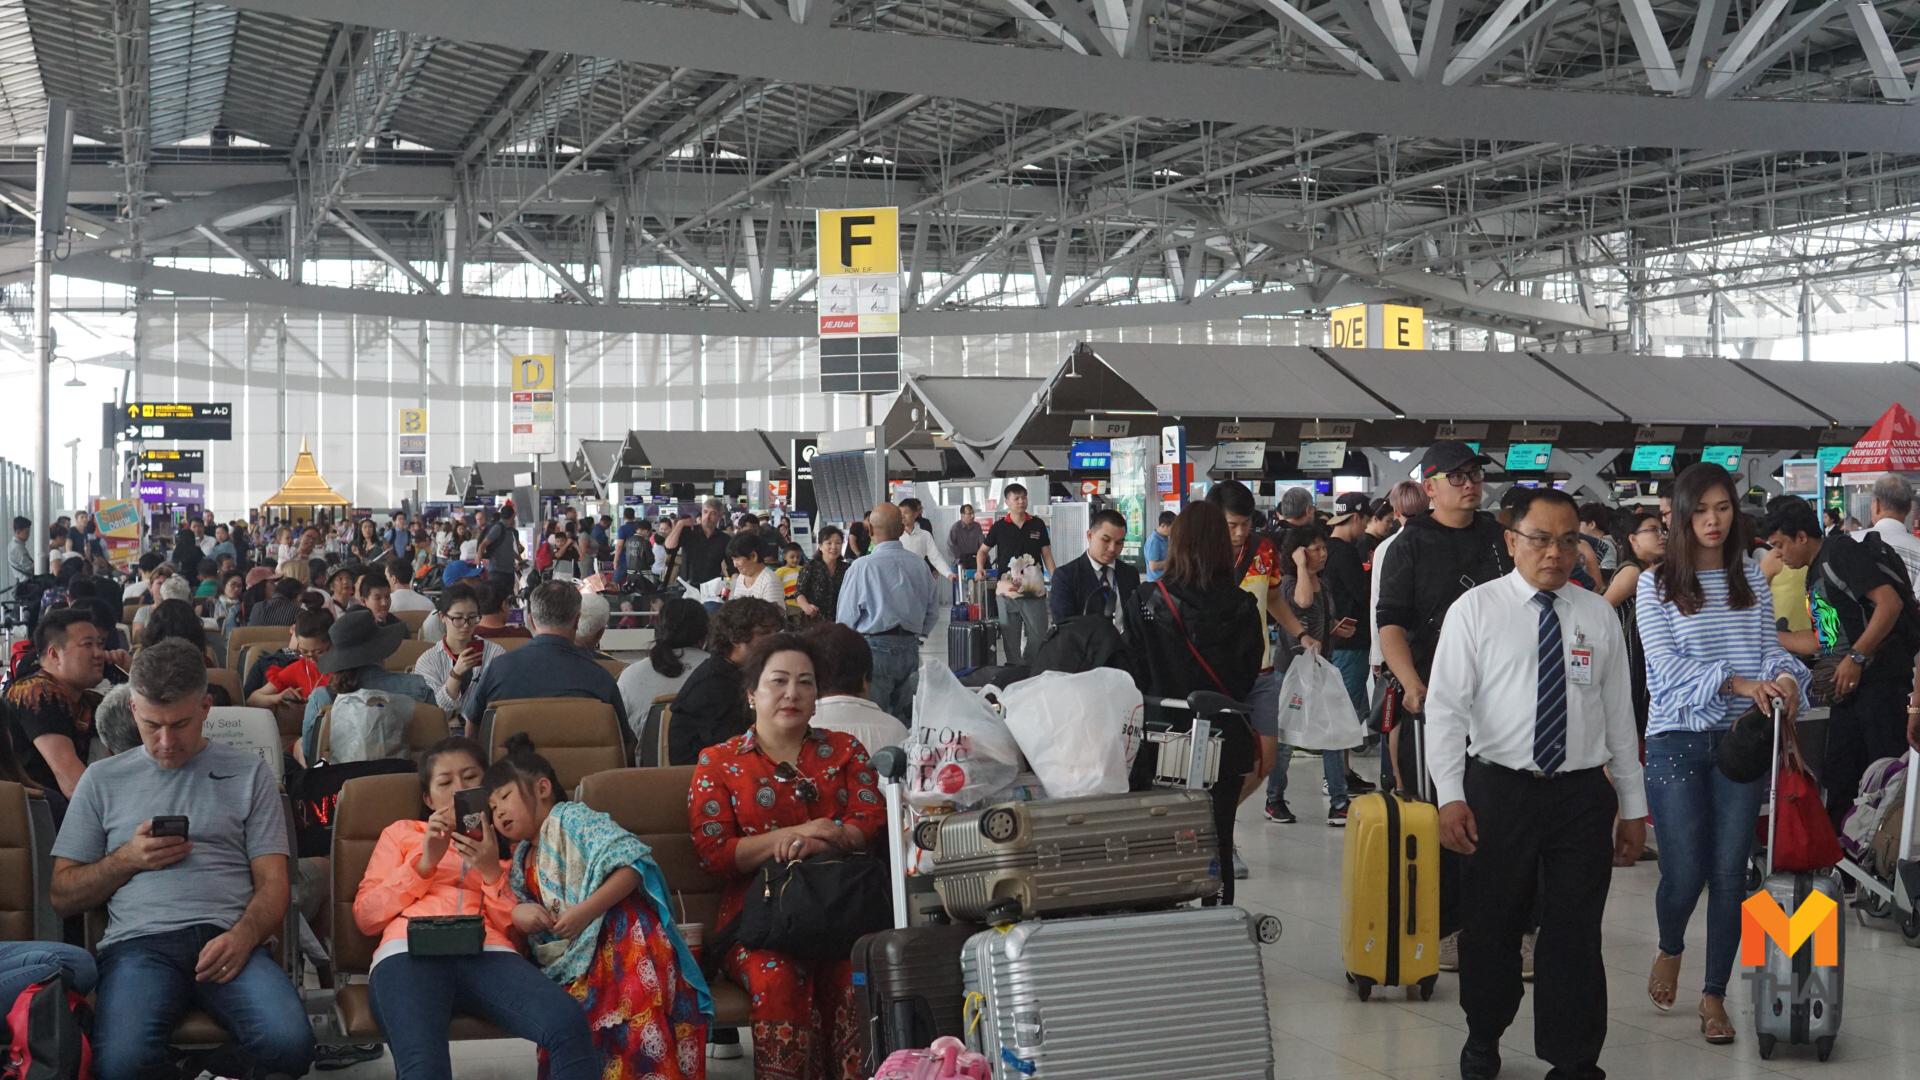 ข่าวสดวันนี้ ช่องทางพิเศษในสนามบิน ตรุษจีน นักท่องเที่ยว